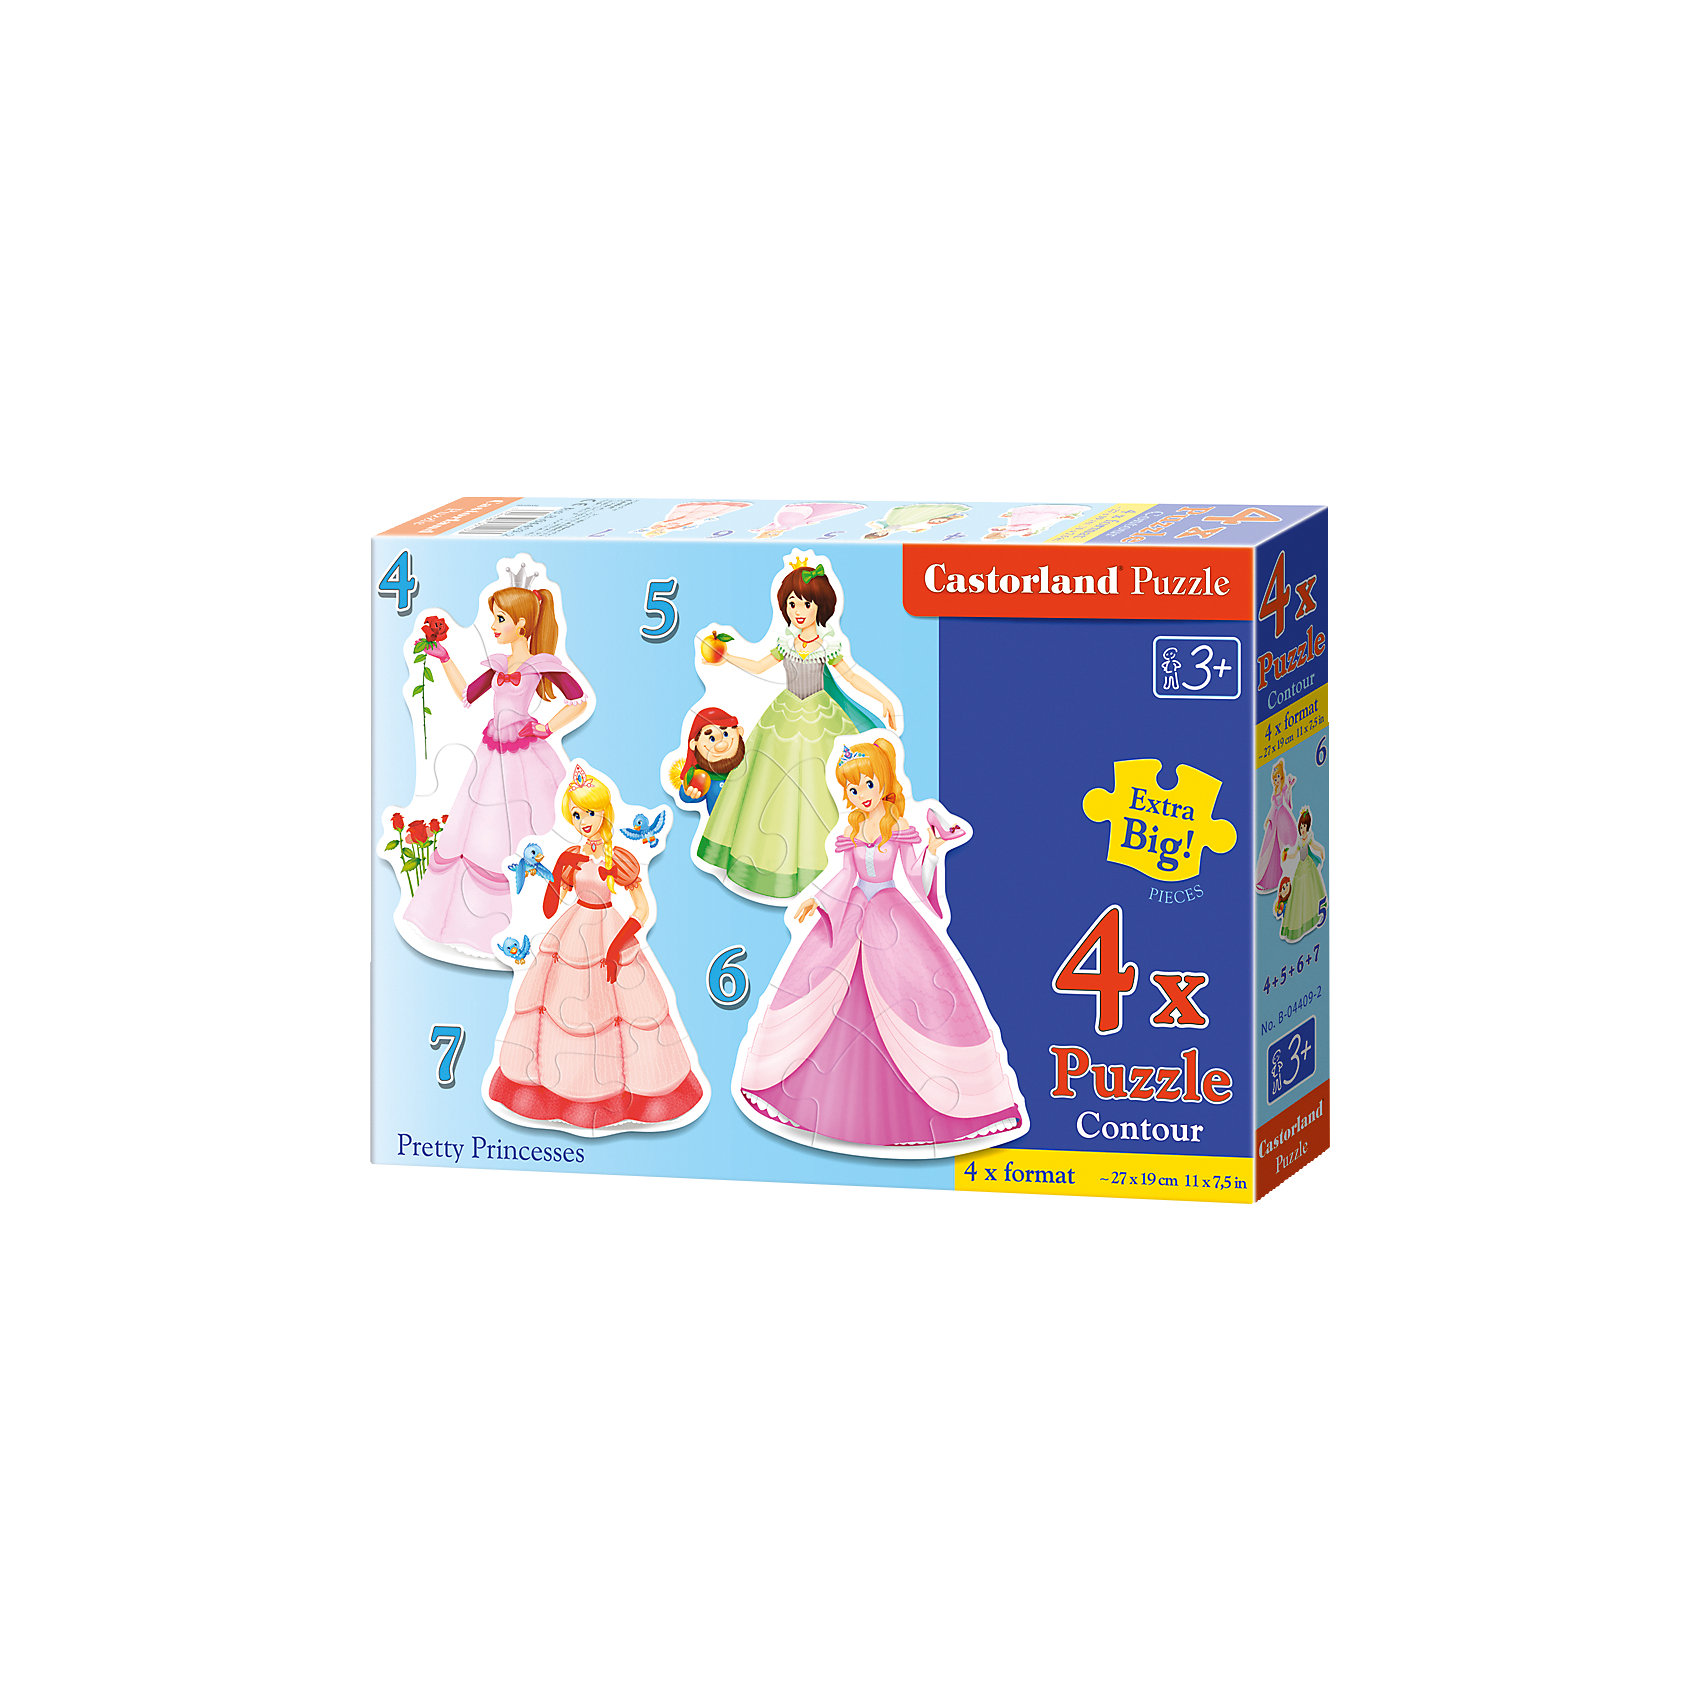 Пазлы Принцессы, 4*5*6*7 деталей, CastorlandПазлы Принцессы, 4*5*6*7 деталей, Castorland (Касторленд) - это увлекательный набор для первого знакомства вашей малышки с пазлами.<br>Пазлы Принцессы – это контурные пазлы для самых маленьких, состоящие из четырех отдельных картинок разной степени сложности. В наборе пазлы с изображением прекрасных принцесс. Собирая пазлы, малышка сможет не только увлекательно провести время, но и развить образное и логическое мышление, наблюдательность, мелкую моторику и координацию движений рук. Пазлы выполнены из плотного картона, детали красочные и крупные, легко собираются.<br><br>Дополнительная информация:<br><br>- В наборе: 4 пазла, каждый пазл состоит из разного количества деталей<br>- Количество деталей: 4, 5, 6, 7<br>- Размер картинок: 29 ? 20 см.<br>- Материал: плотный картон<br>- Упаковка: картонная коробка<br>- Размер коробки: 24,5 х 3,7 х 17,5 см.<br>- Вес: 150 гр.<br><br>Пазлы Принцессы, 4*5*6*7 деталей, Castorland (Касторленд) можно купить в нашем интернет-магазине.<br><br>Ширина мм: 328<br>Глубина мм: 231<br>Высота мм: 58<br>Вес г: 444<br>Возраст от месяцев: 36<br>Возраст до месяцев: 60<br>Пол: Женский<br>Возраст: Детский<br>Количество деталей: 4<br>SKU: 3899106